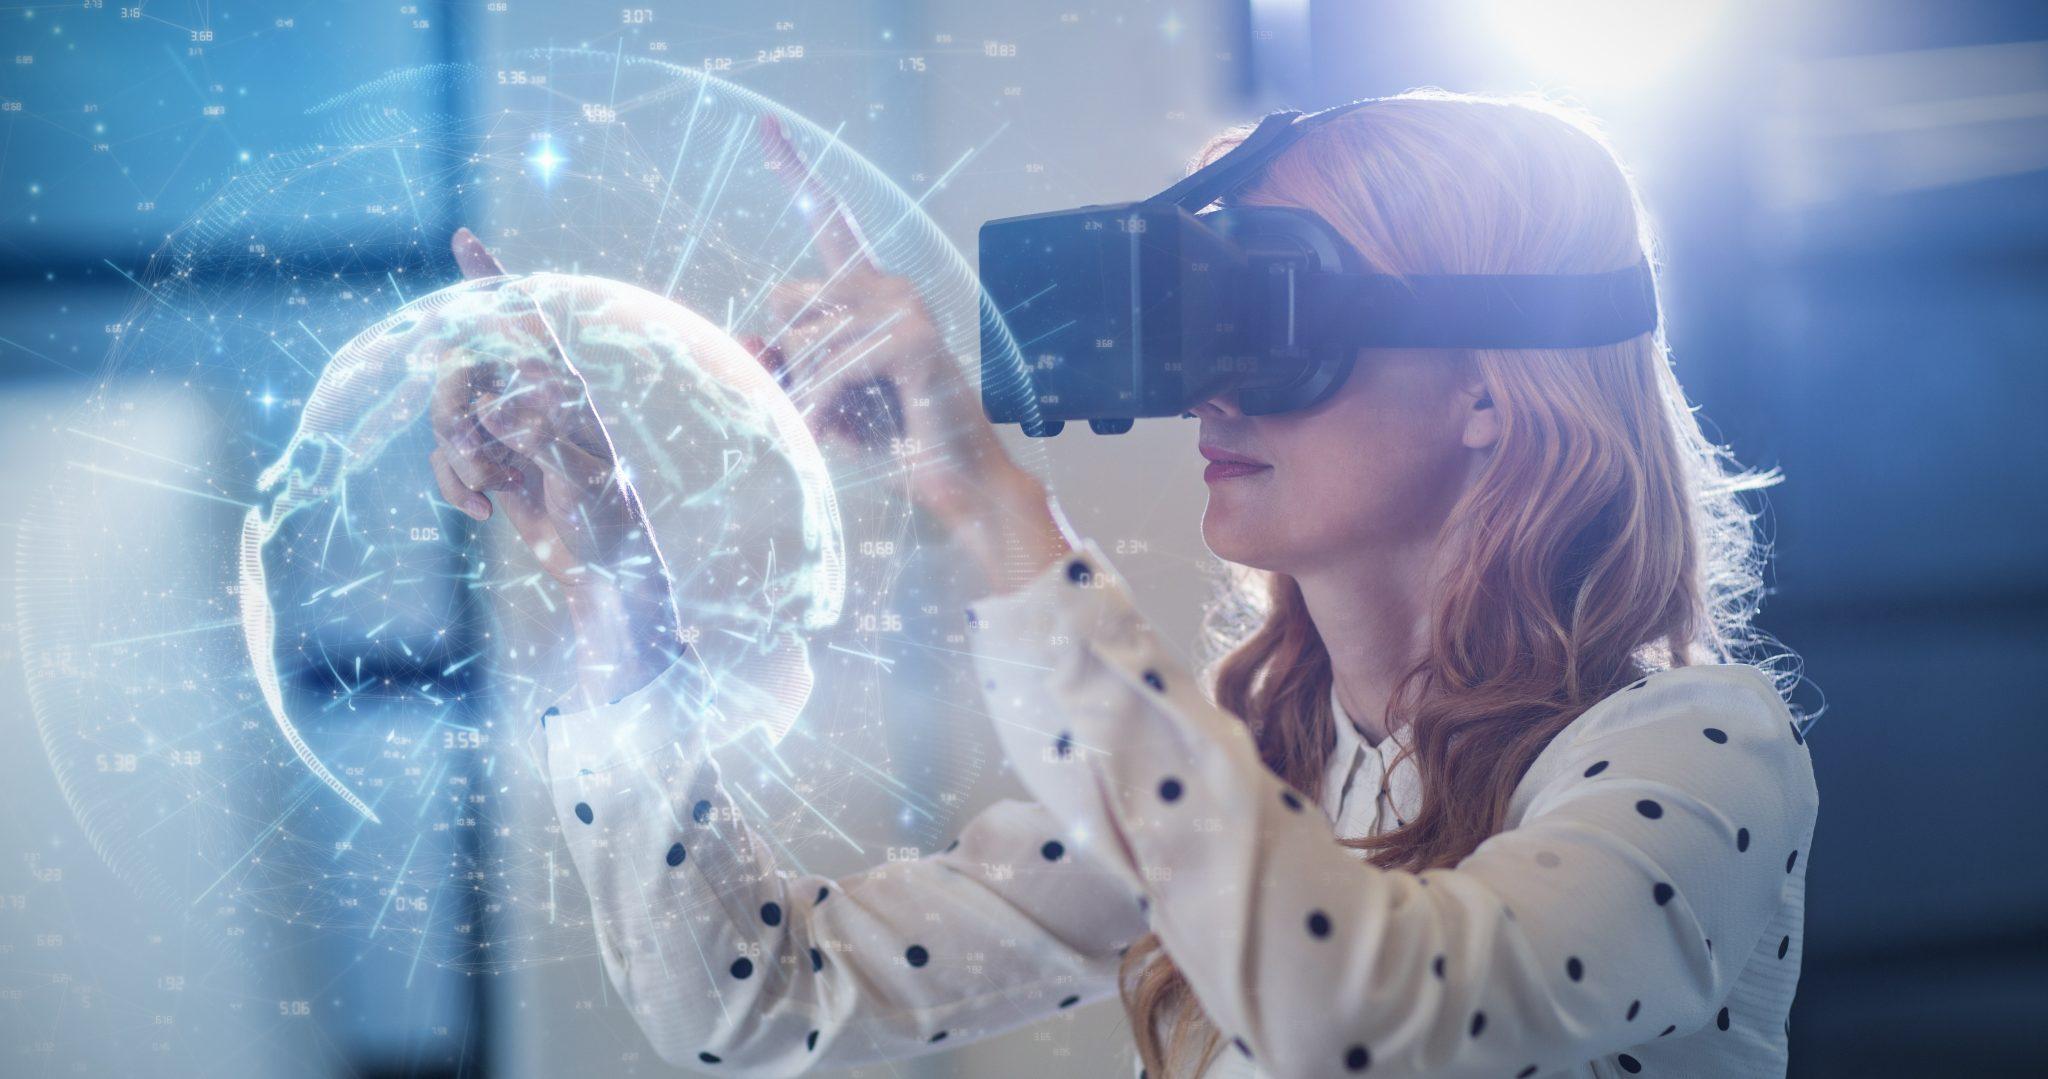 tecnologia VR realtà virtuale AR aumentata produttività benessere tecnologico lavoro azienda organizzazione psicologia laura fasano